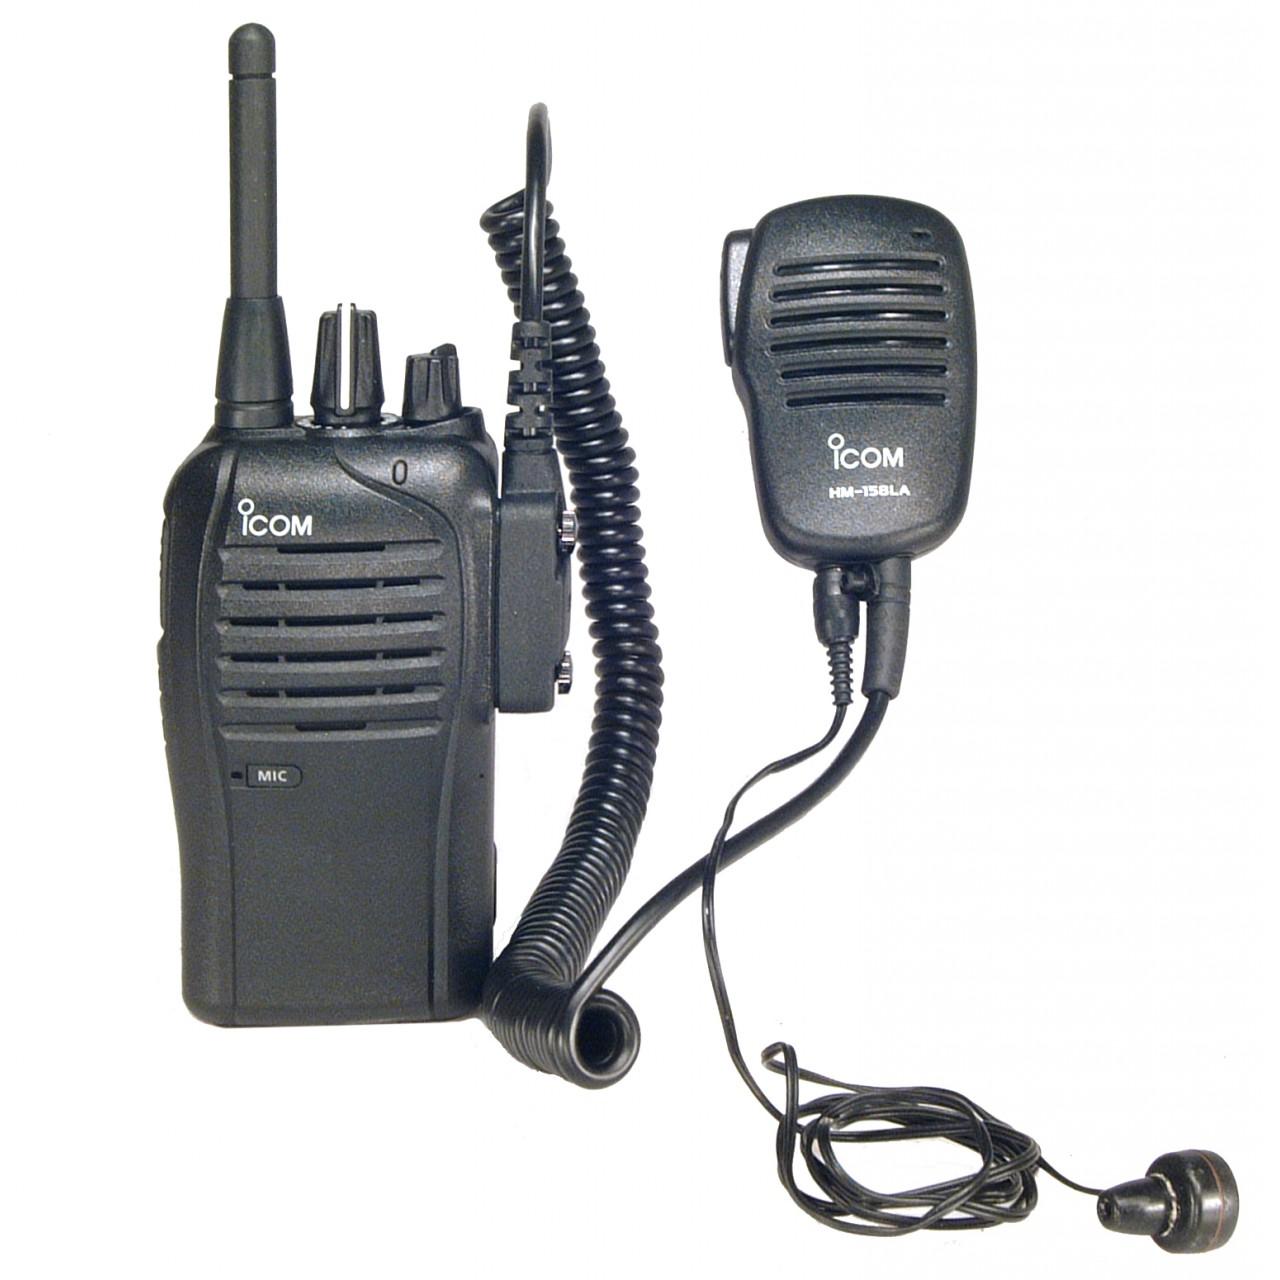 IC-F27SR avec microphone HM-158LA et oreillette SP-13